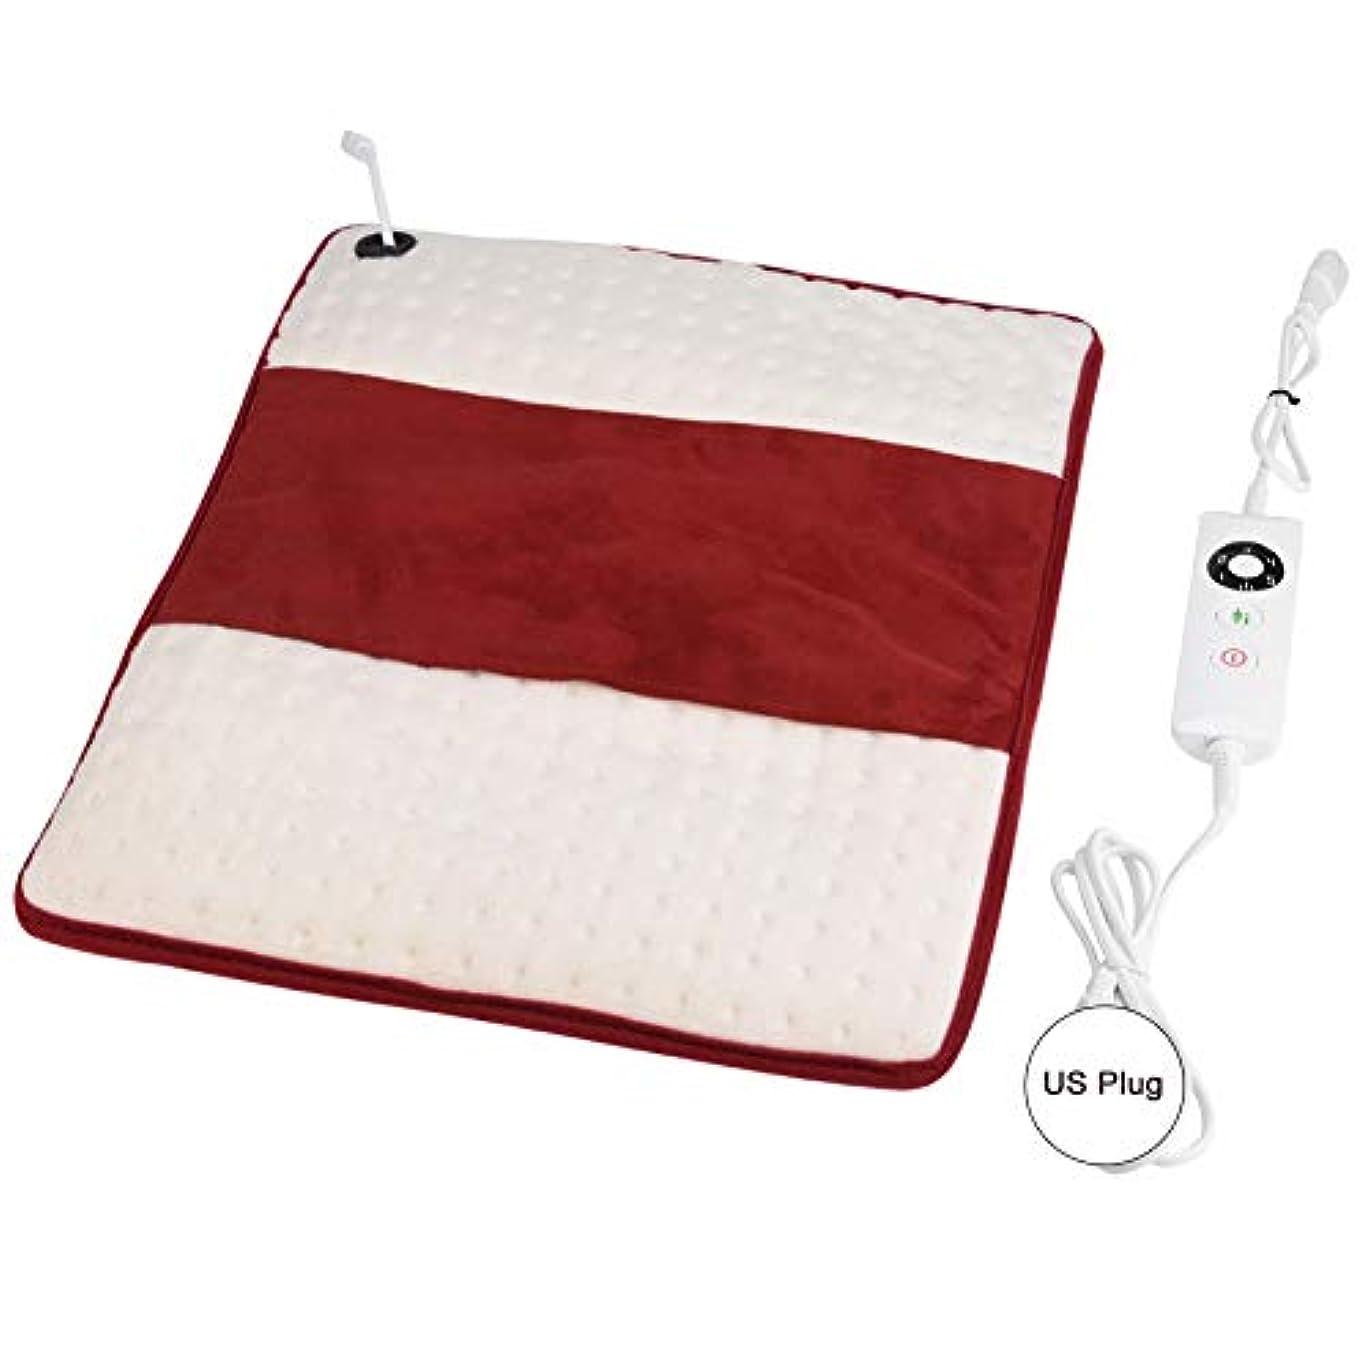 サルベージ服を洗うページェント電気暖房のパッド、多機能の電気暖房療法のパッドの洗濯できる腰痛の救助のマット(US Plug)